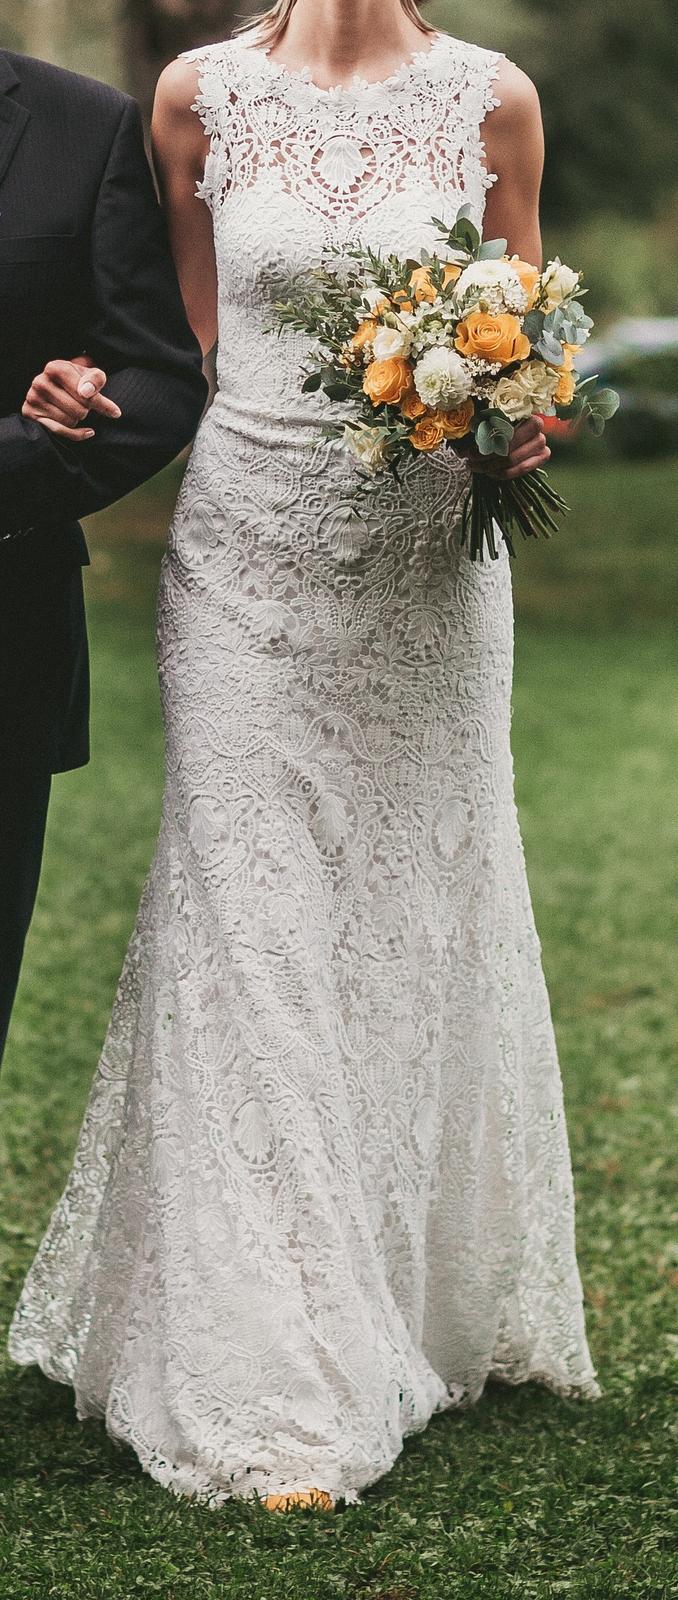 Celokrajkové svatební šaty v přírodní bílé barvě, velikost viz popis - Obrázek č. 1